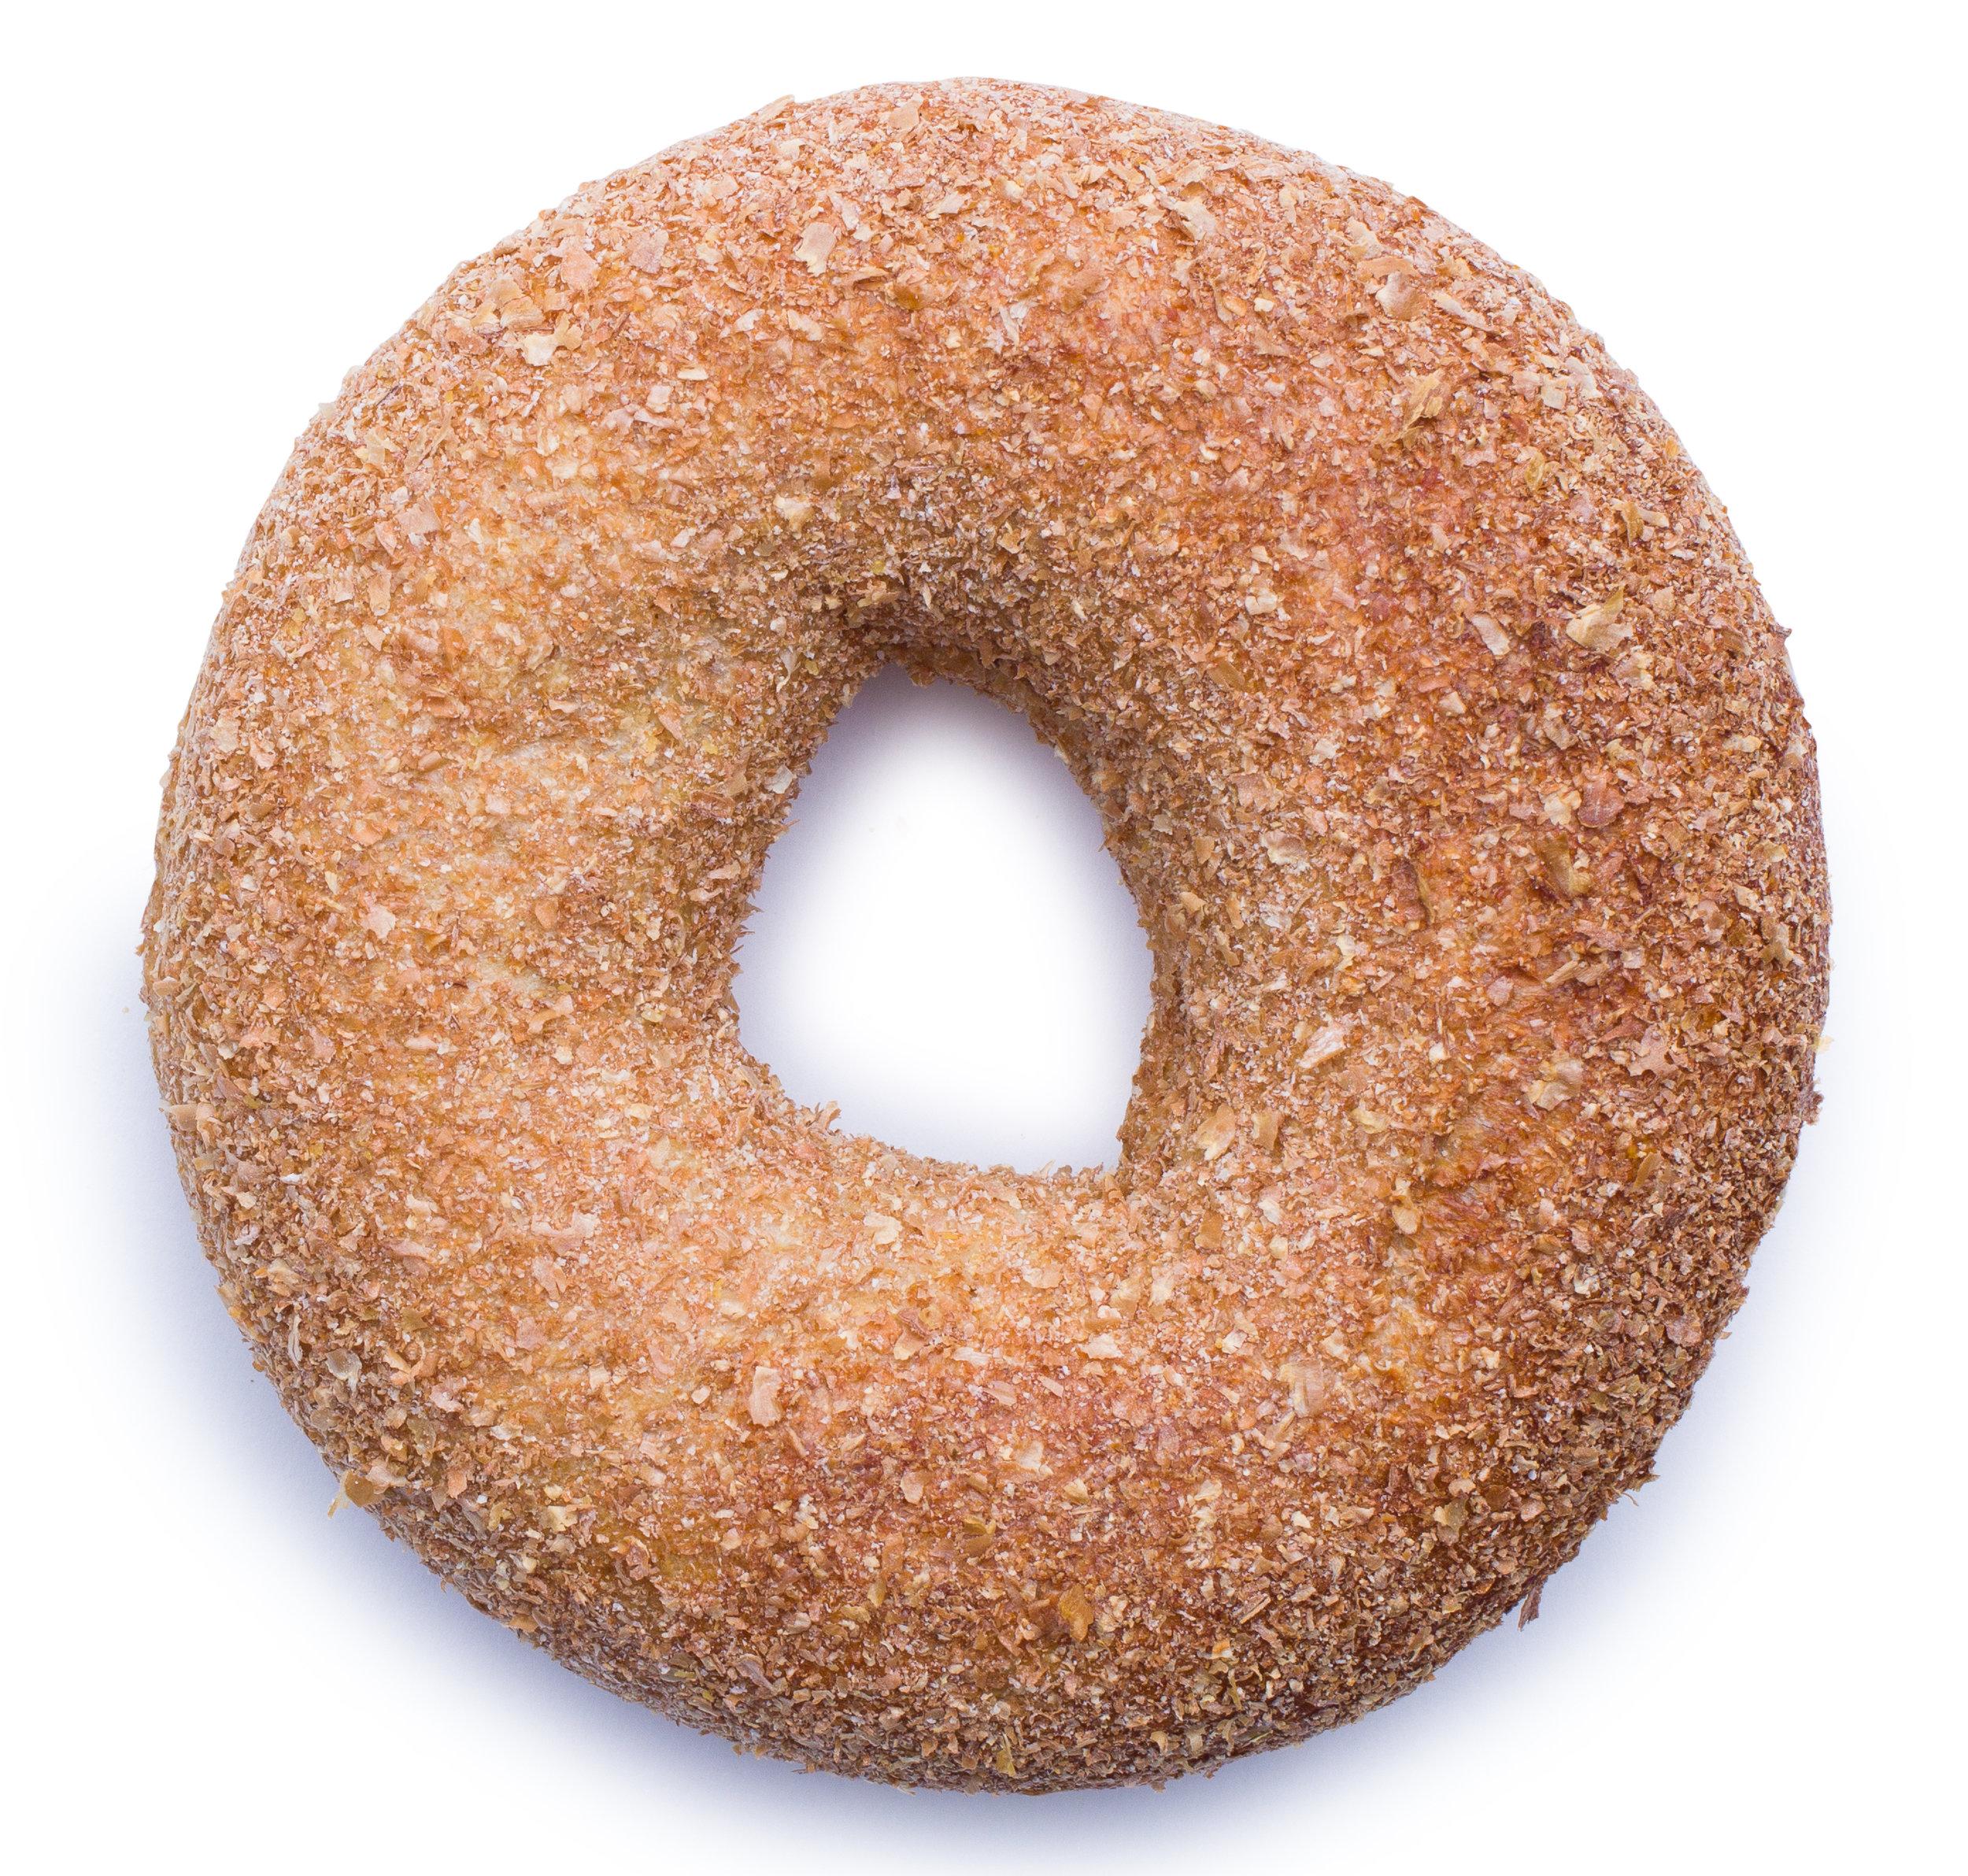 Bagel_Whole_Wheat.jpeg